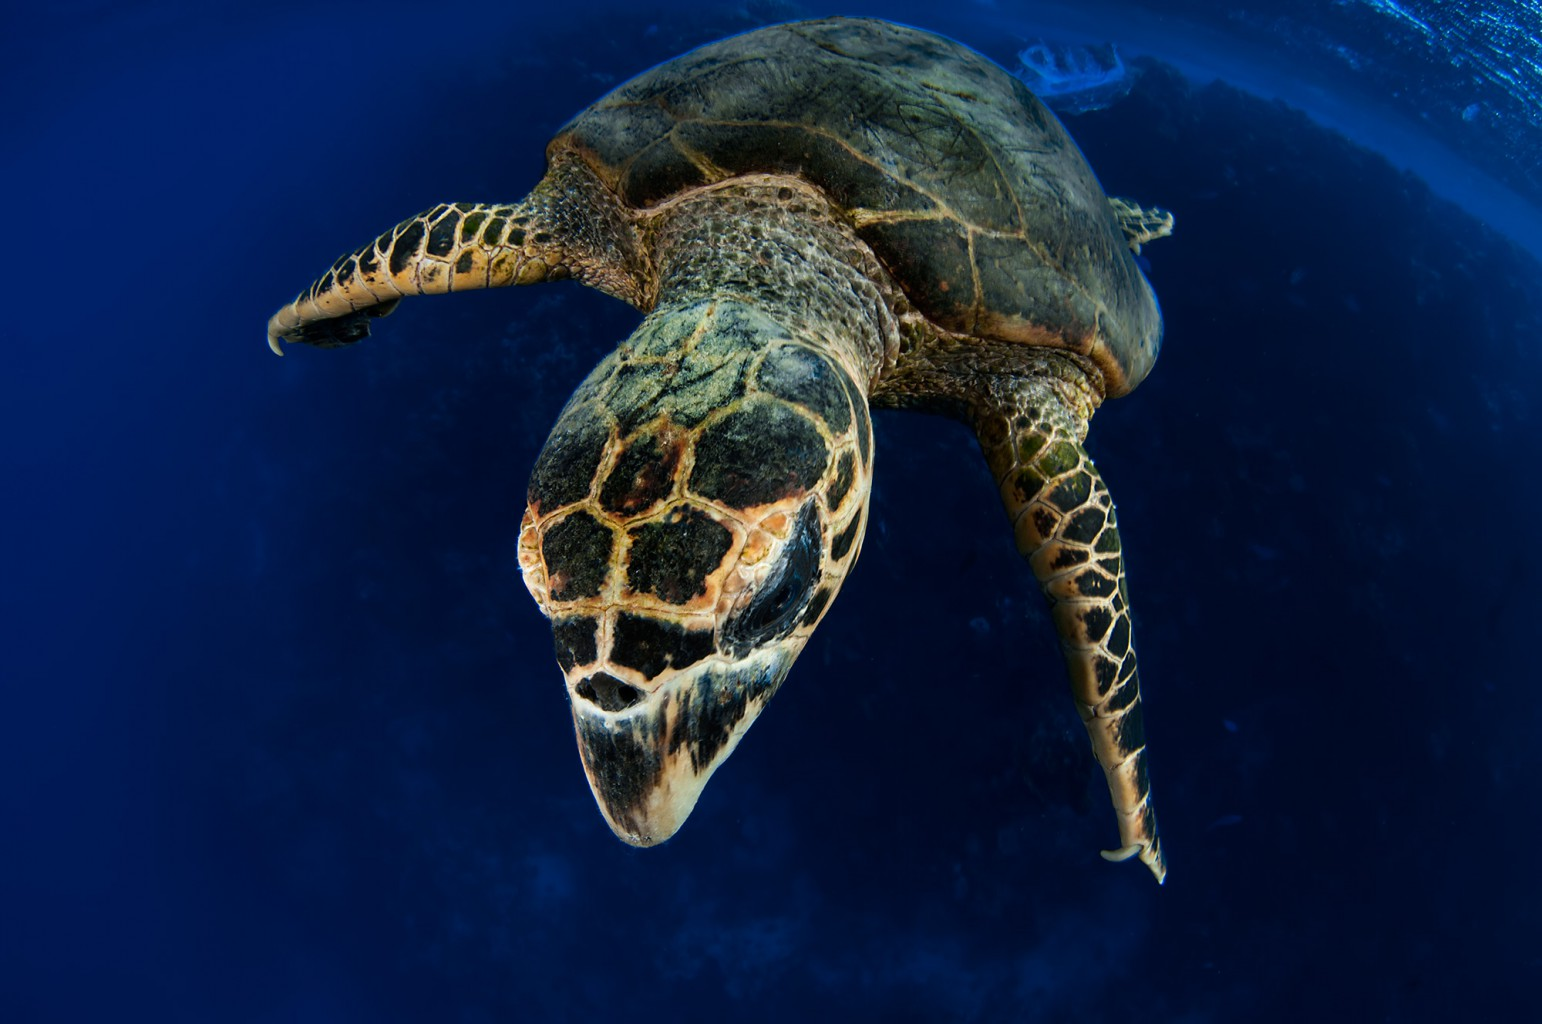 Sea Turtle feeding on Jellyfish, Red Sea - Egypt